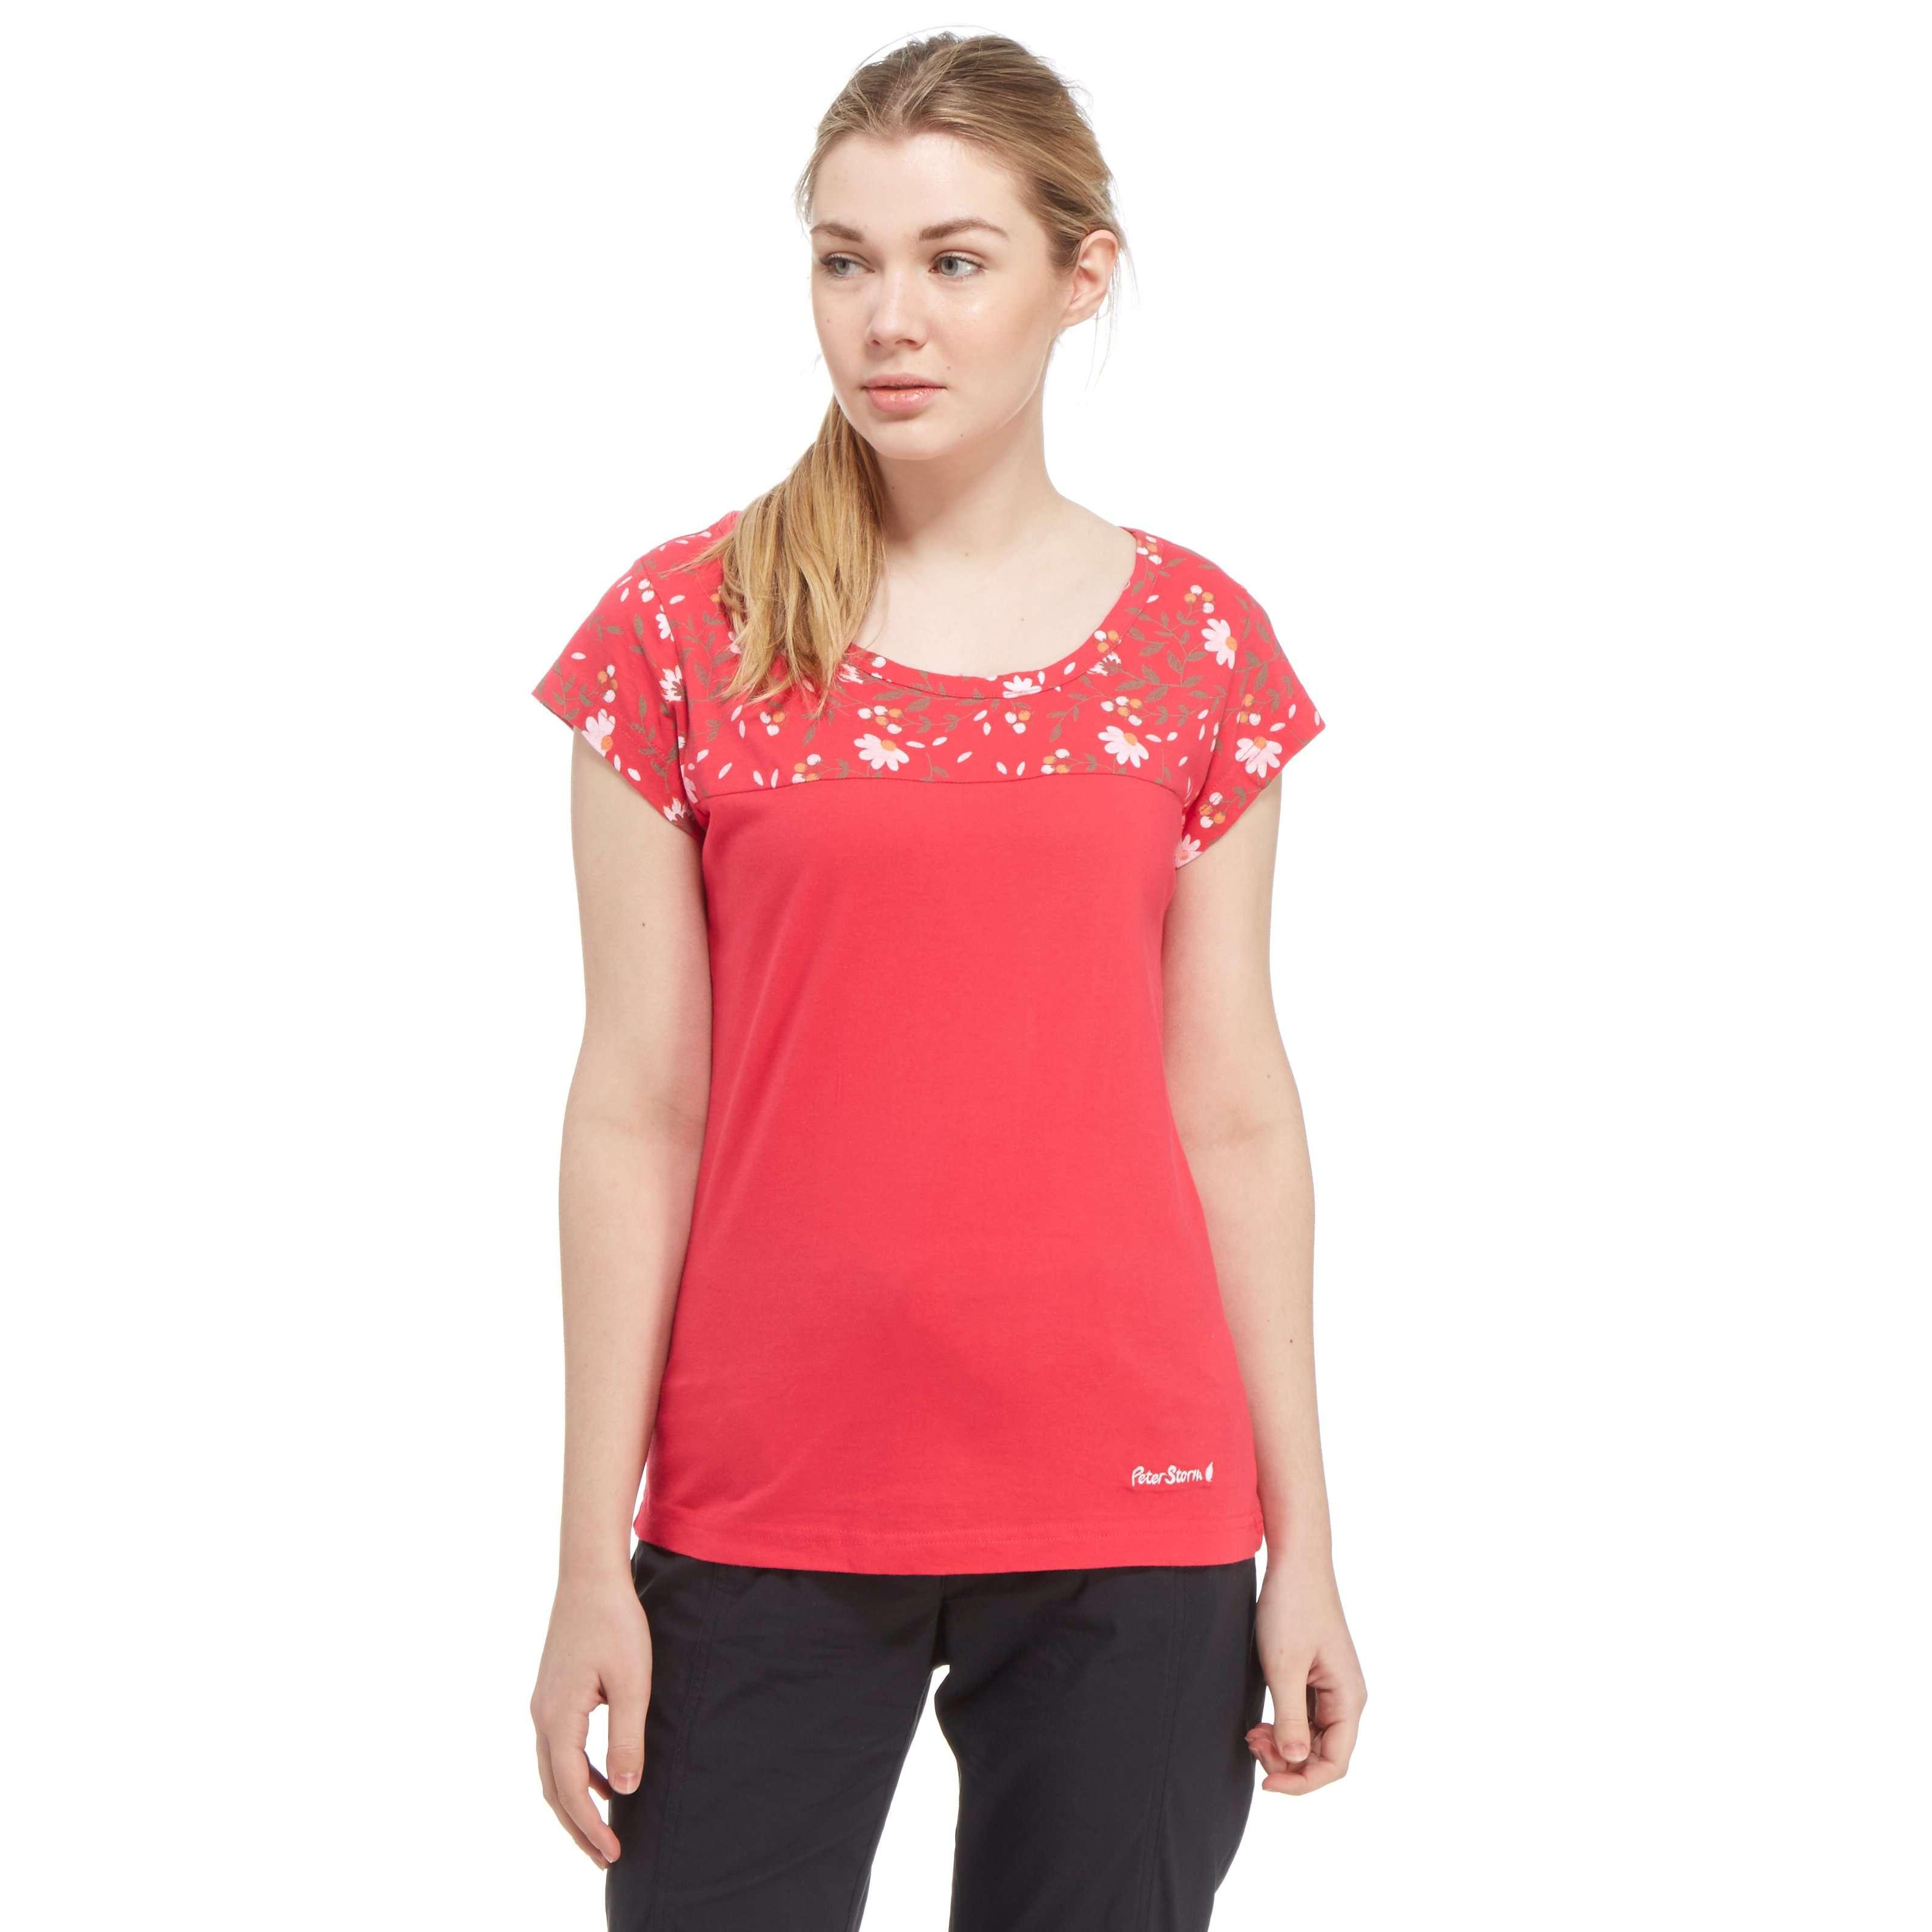 PETER STORM Women's Flowery T-Shirt